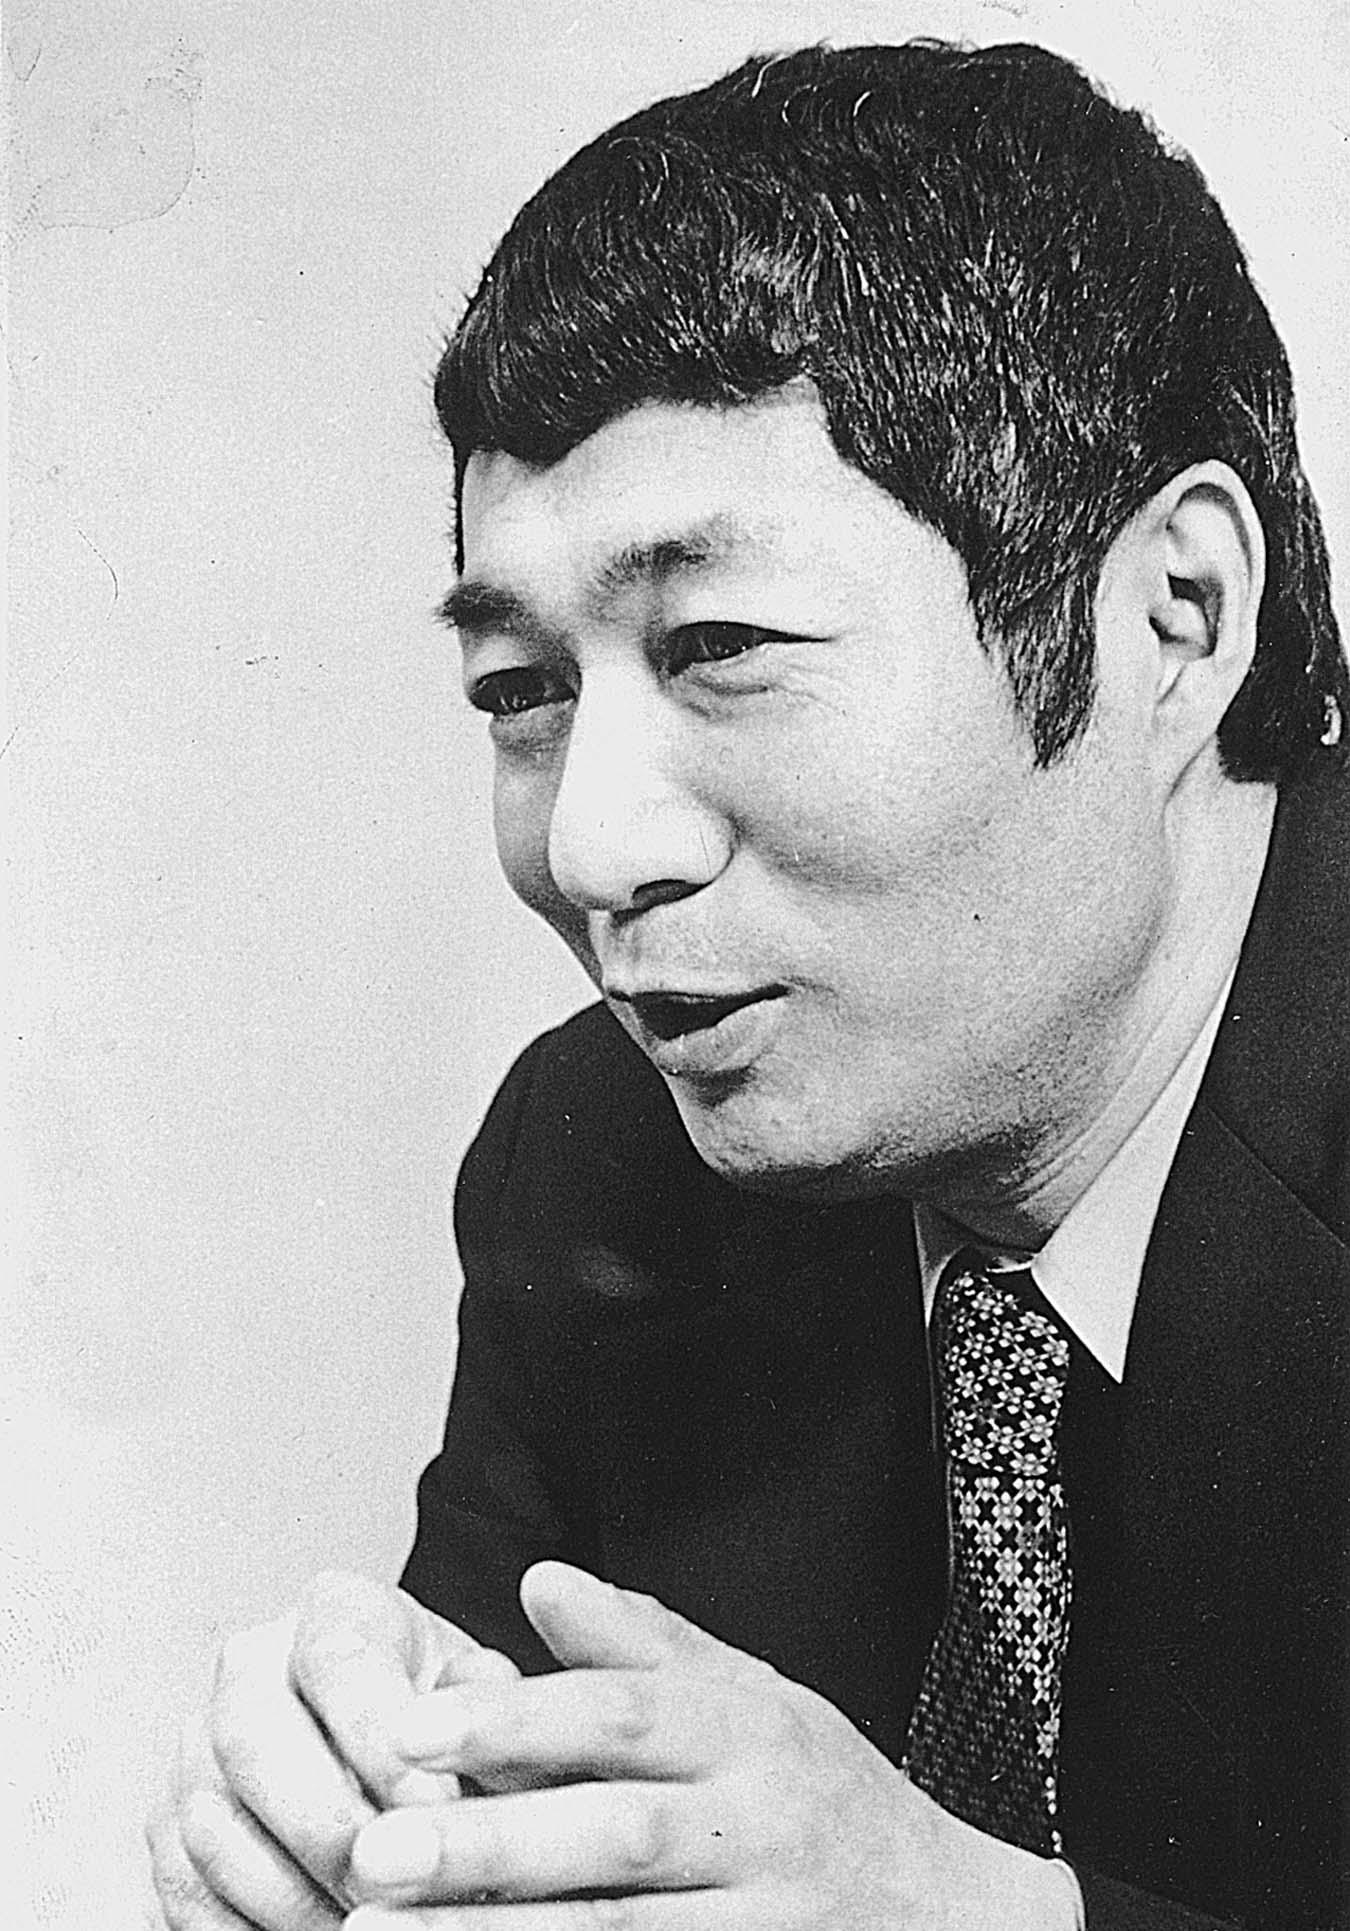 日本の芸術を変えたとまで評された天才・寺山修司とはどんな人?